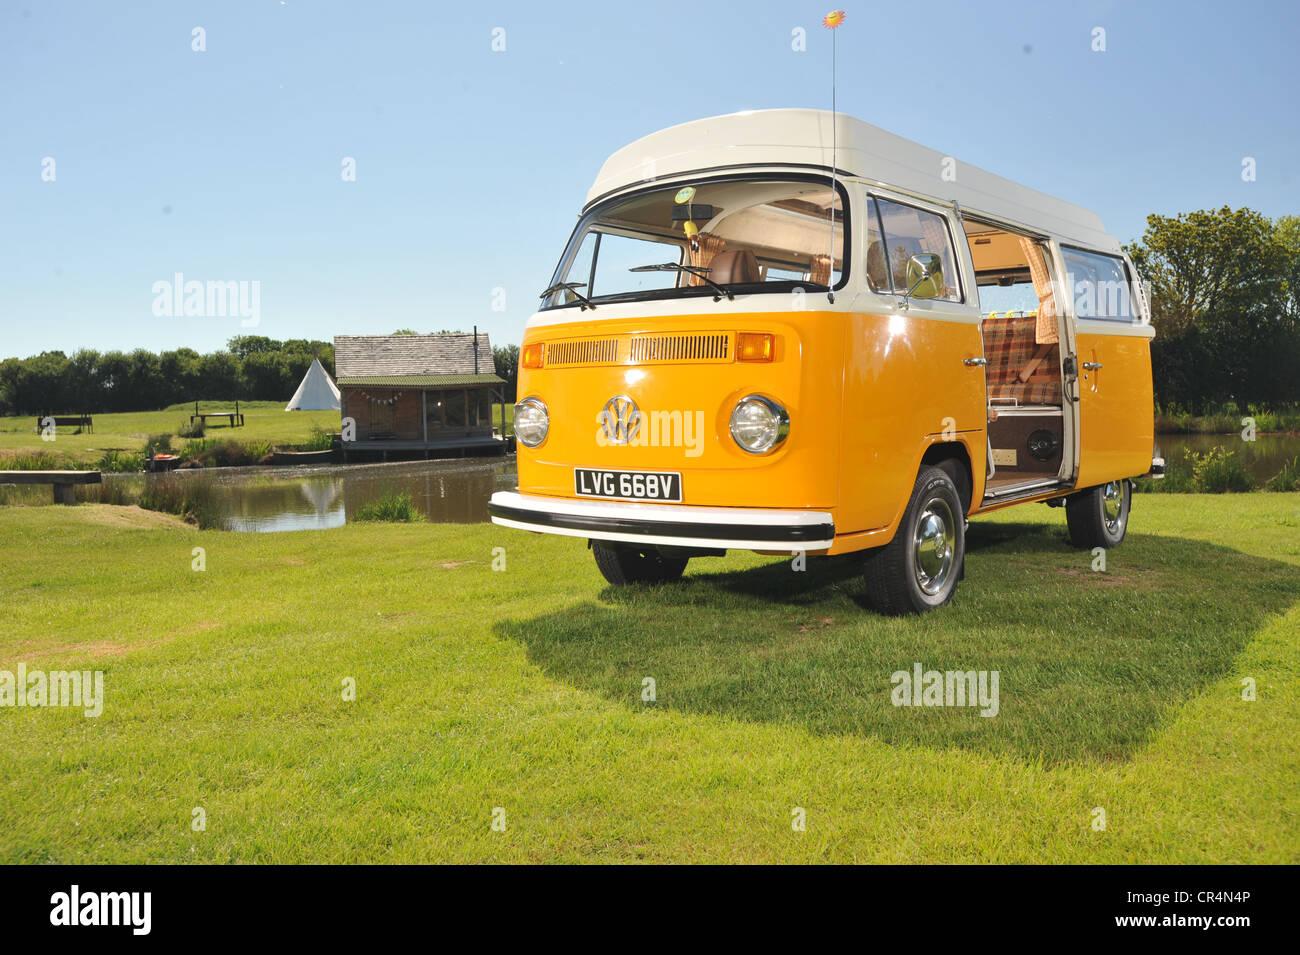 1979 Bay WIndow VW Volkswagen camper van, type 2 micro bus - Stock Image